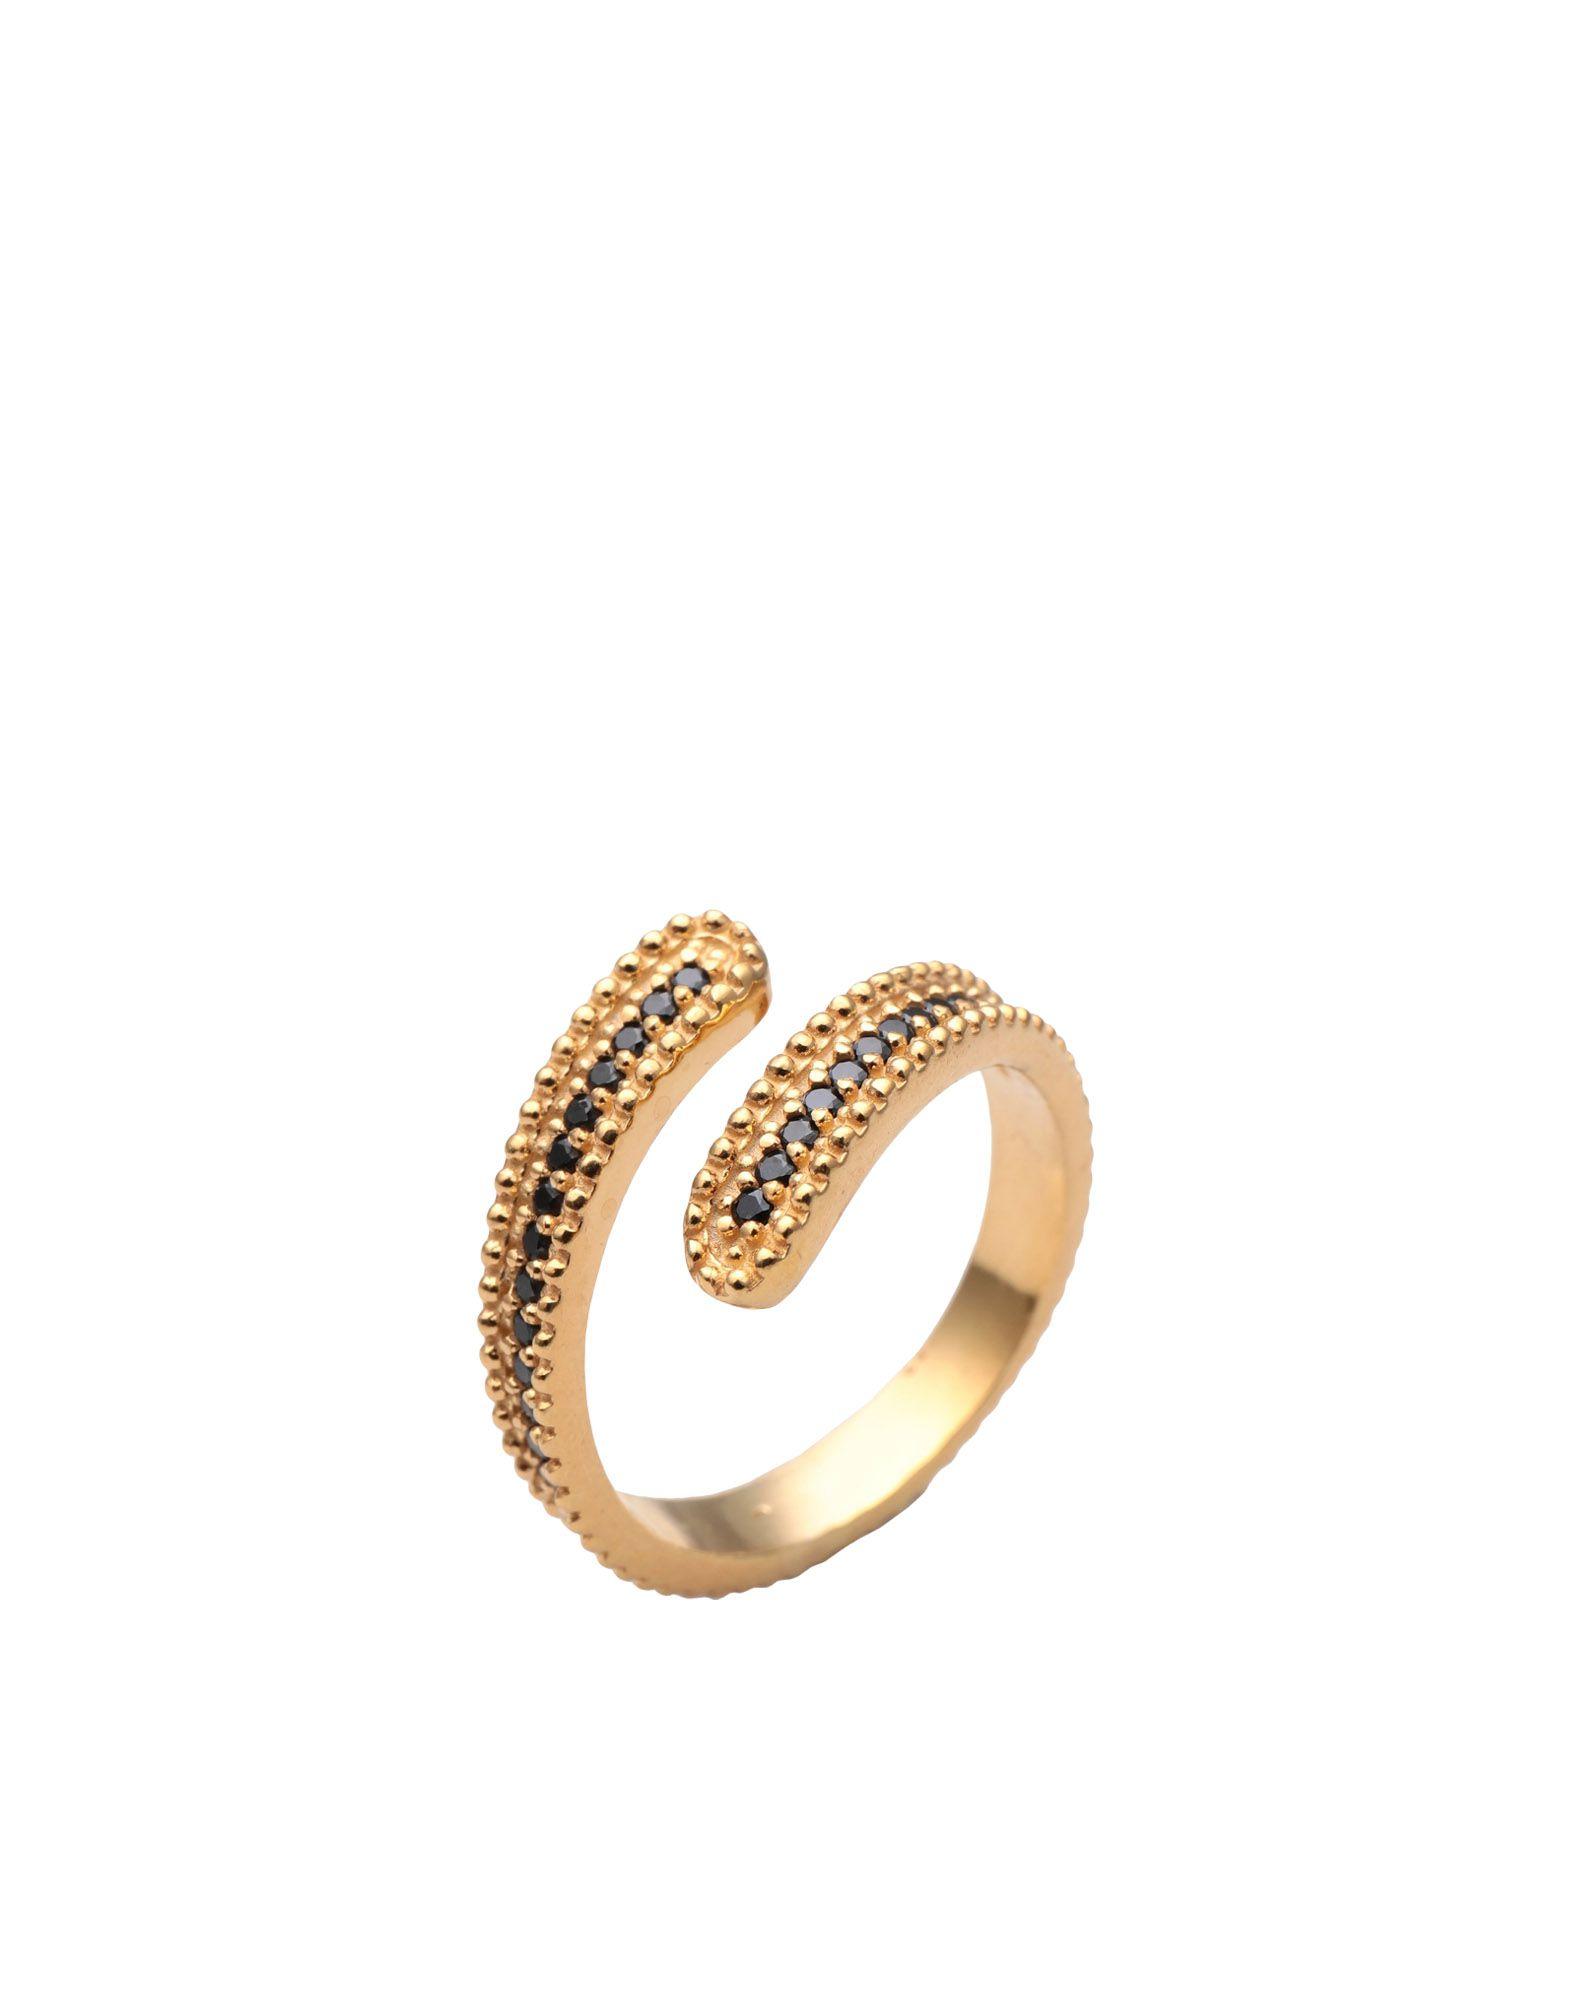 《送料無料》FIRST PEOPLE FIRST レディース 指輪 ゴールド one size シルバー925/1000 / 18金メッキ / キュービックジルコニア Concordia Zircon Ring